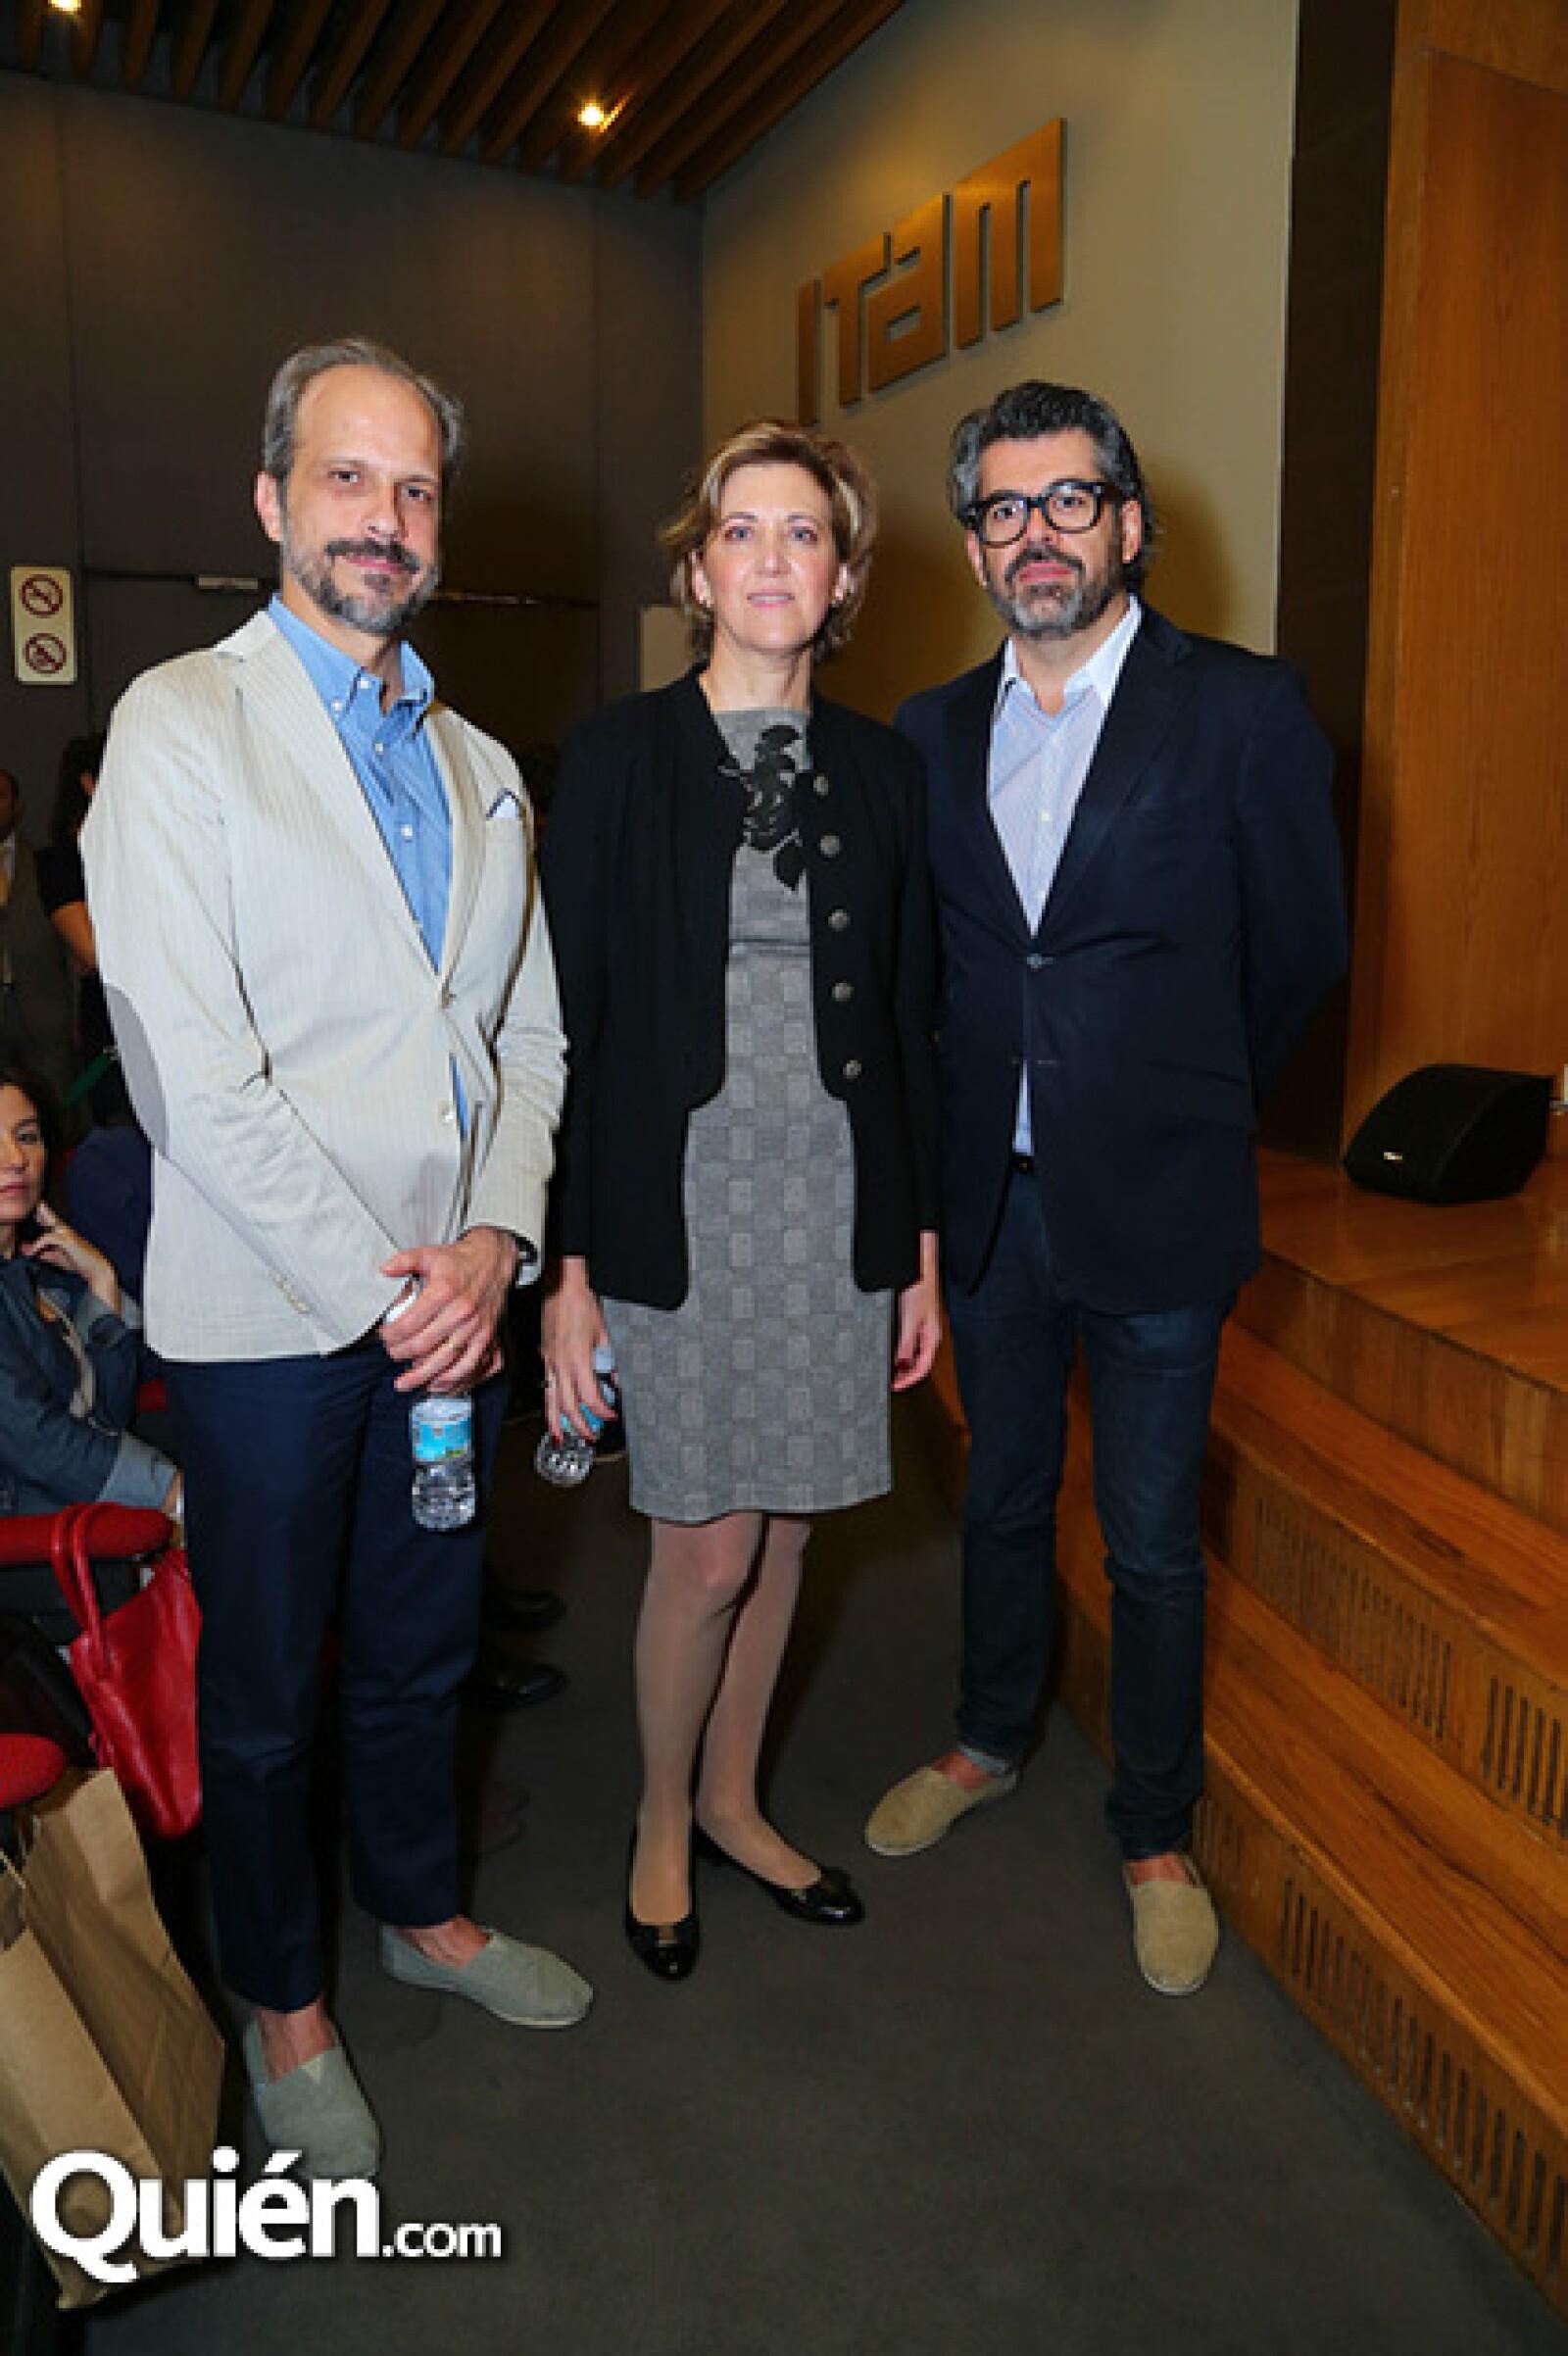 José Ferrer, Mónica Sacristán y Carlos Salcido